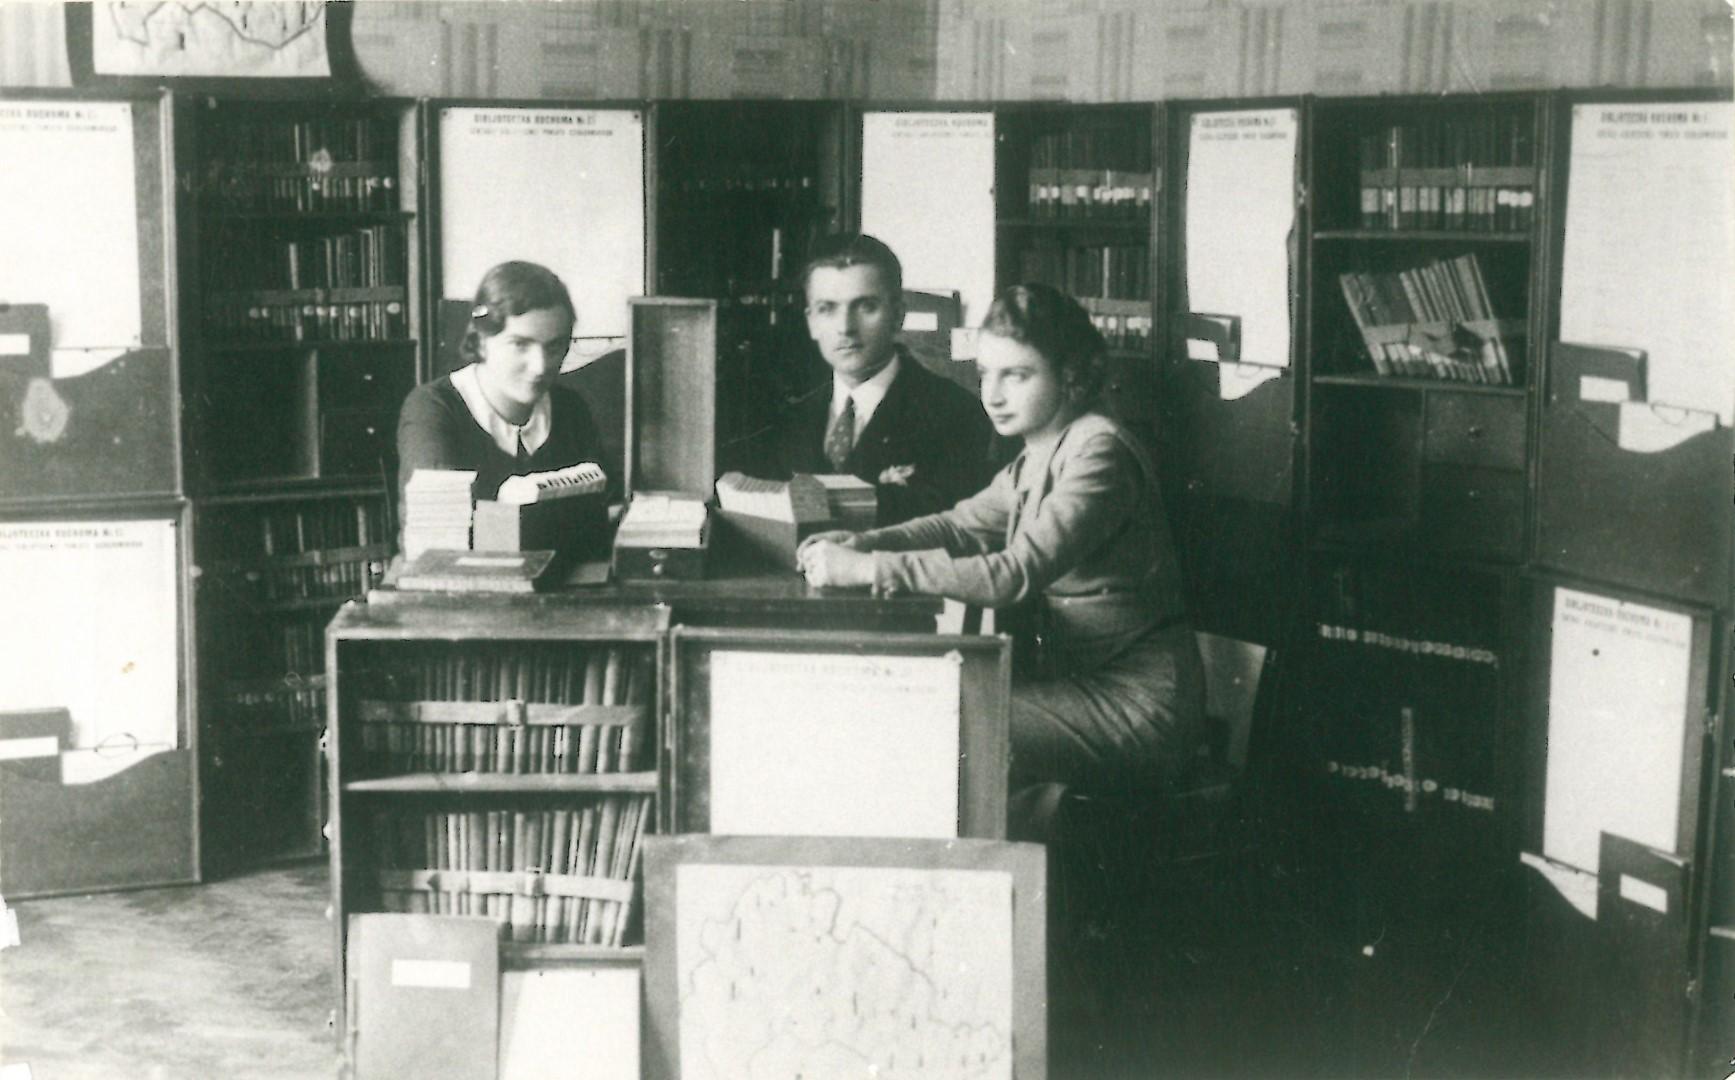 Organizatorzy Powiatowej Centrali Bibliotek Ruchonych Piotr Pszenny, Benigna Gapińska, Janina Czajkowska. Na zdjęciu widzoczne są szafki-walizki, w których książki wysyłano w teren